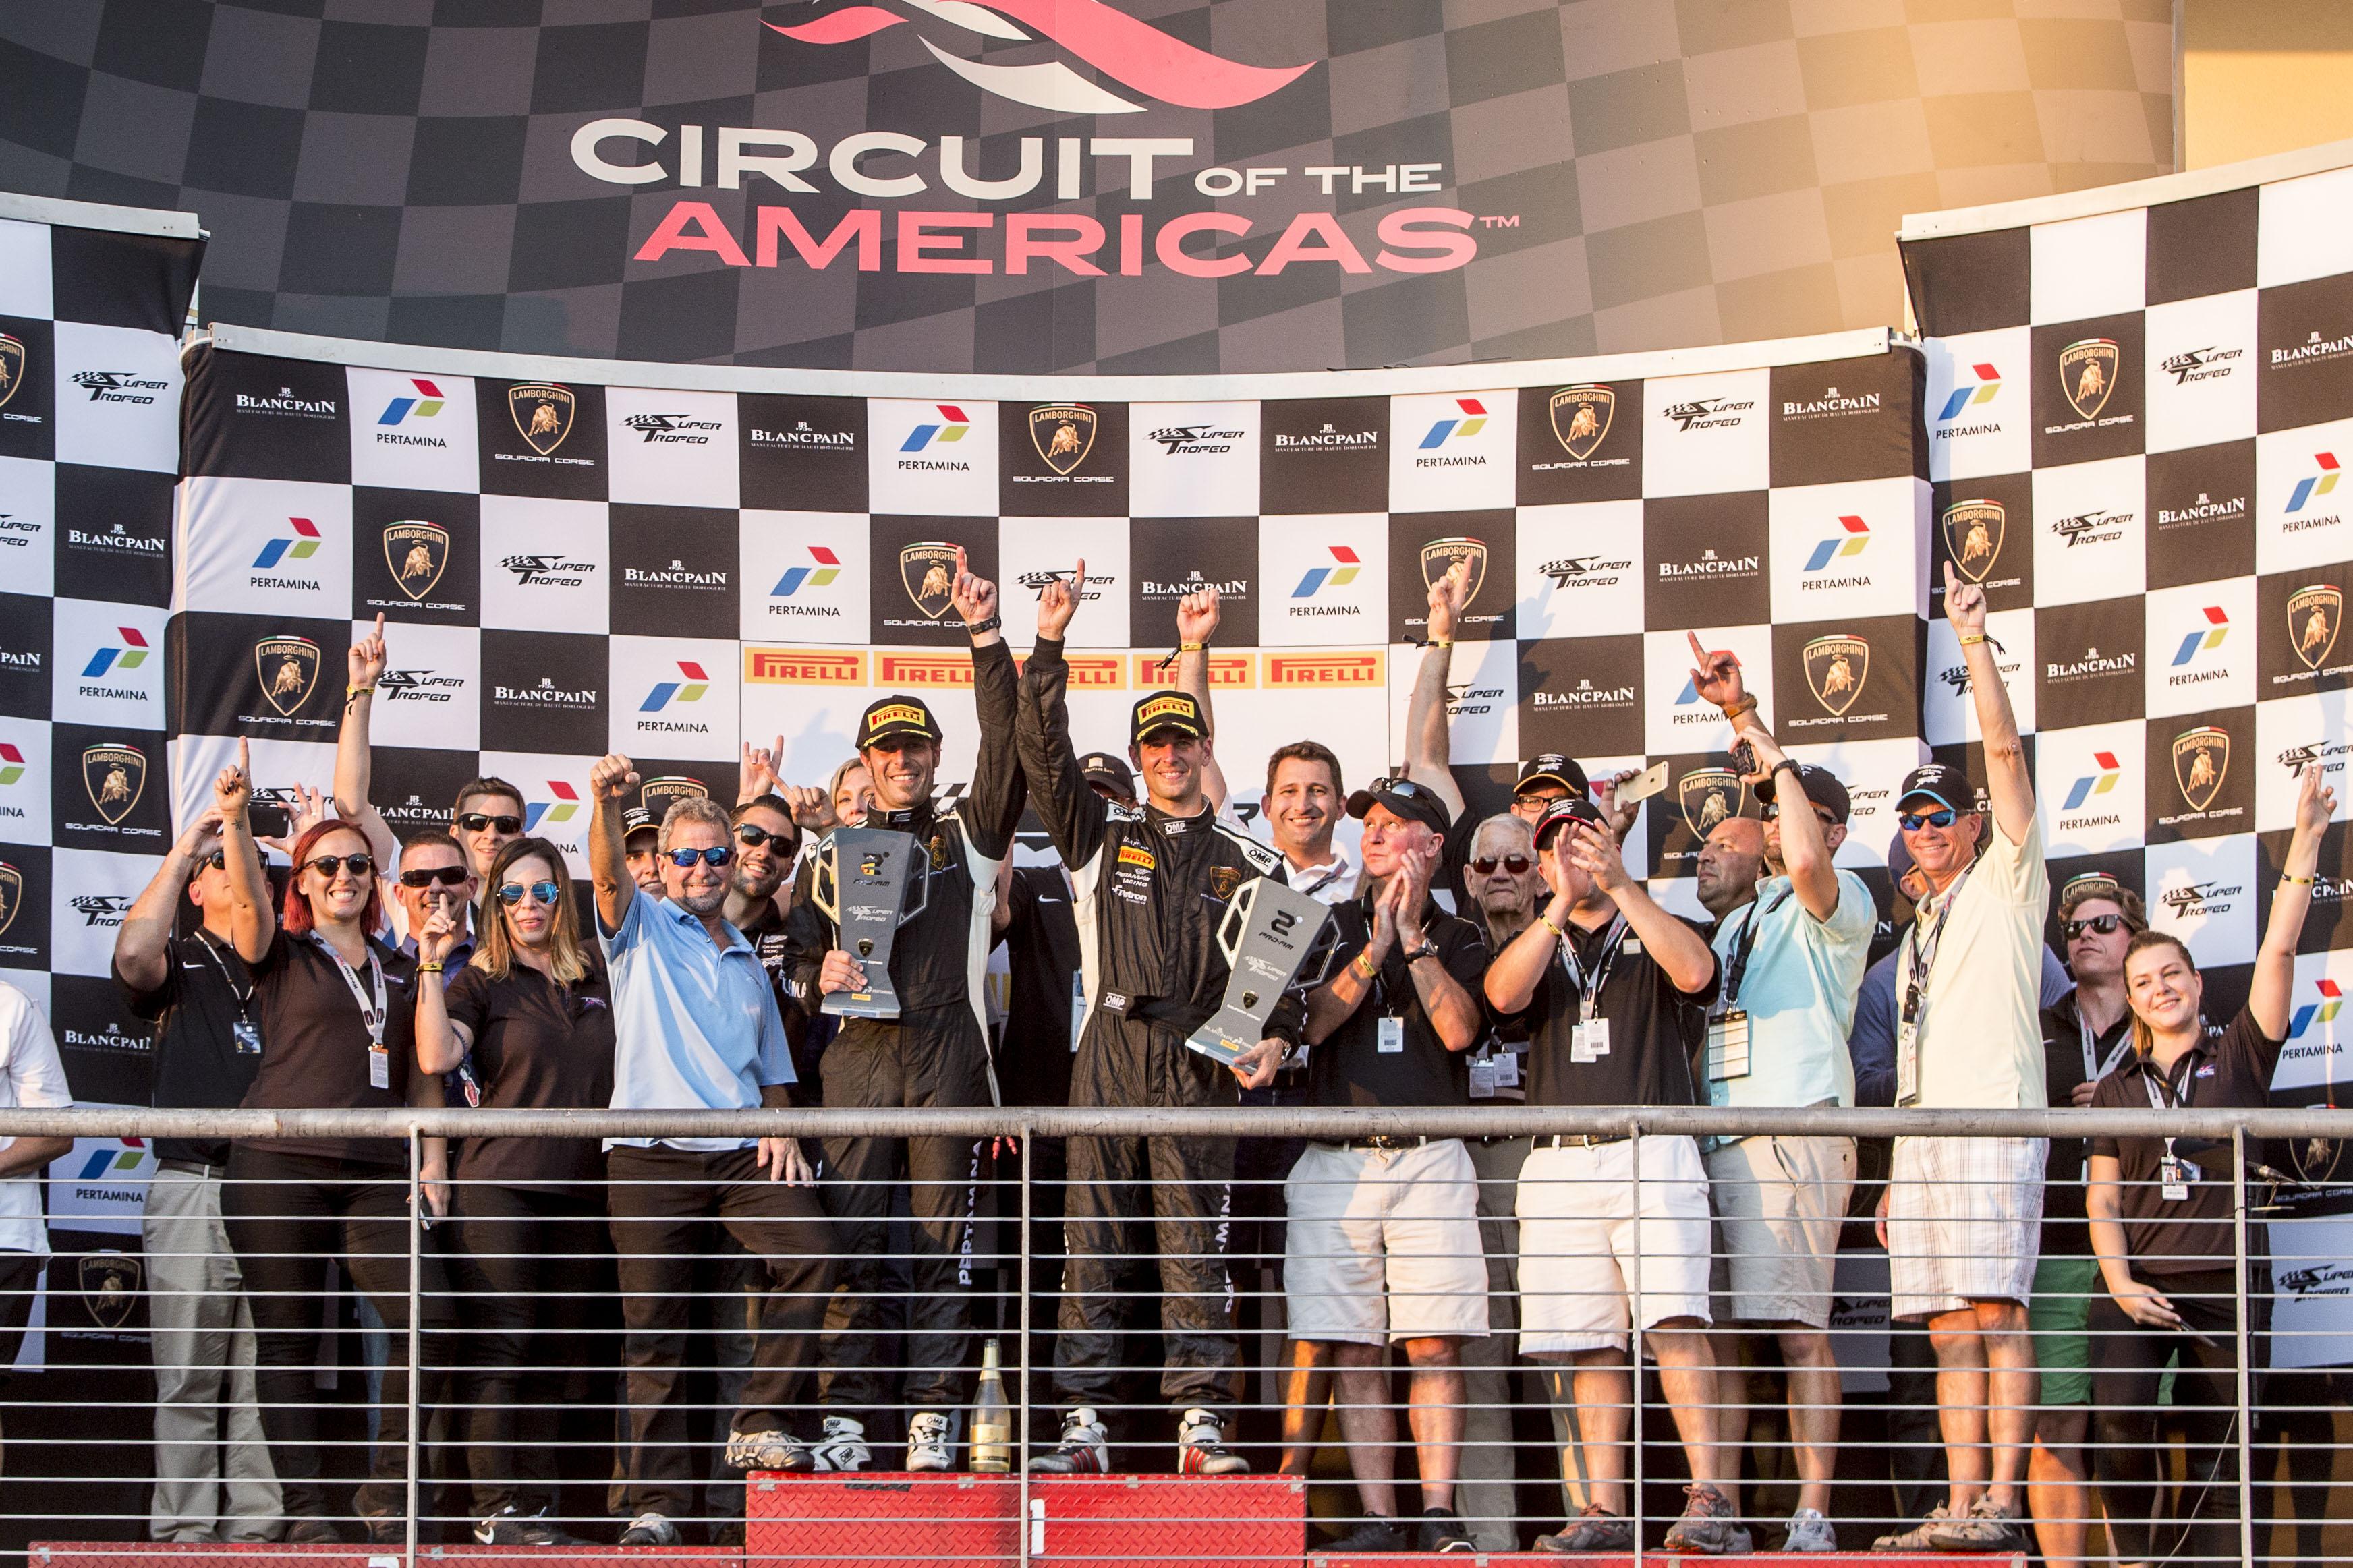 TRG Lamborghini Celebrates On The Circuit of The Americas Podium